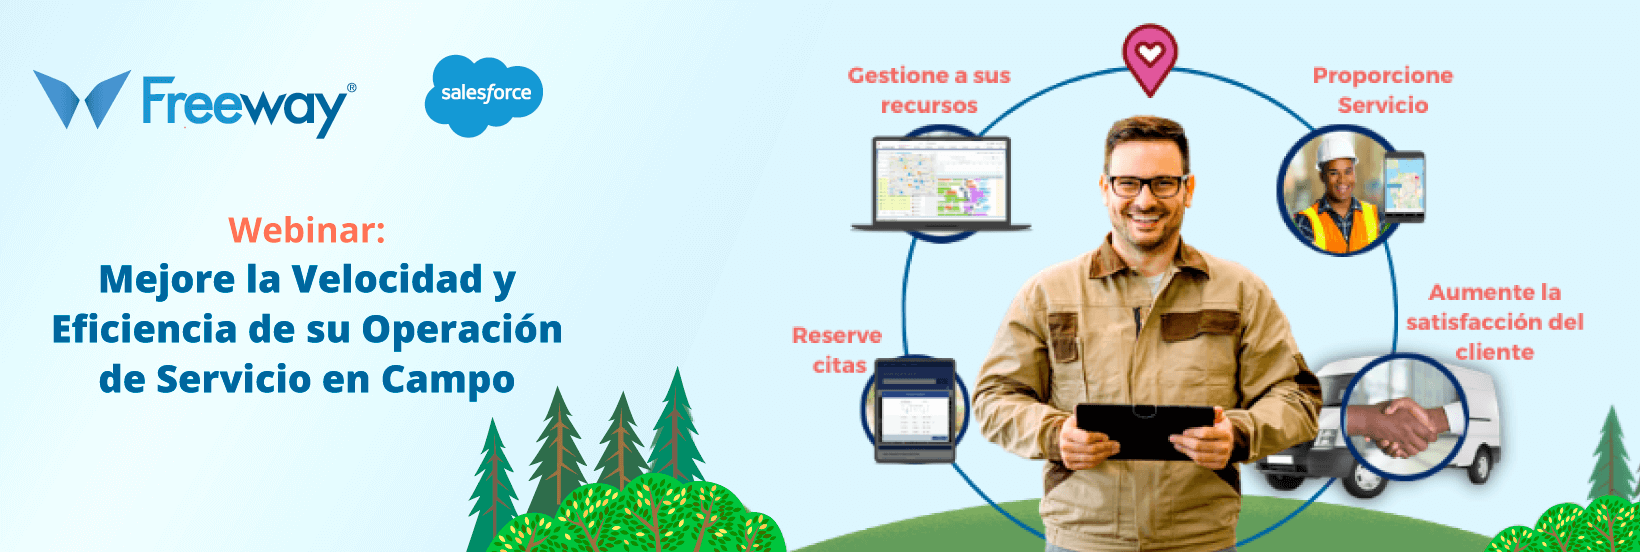 Webinar: Mejore la velocidad y Eficiencia de su Operación de Servicio de Campo